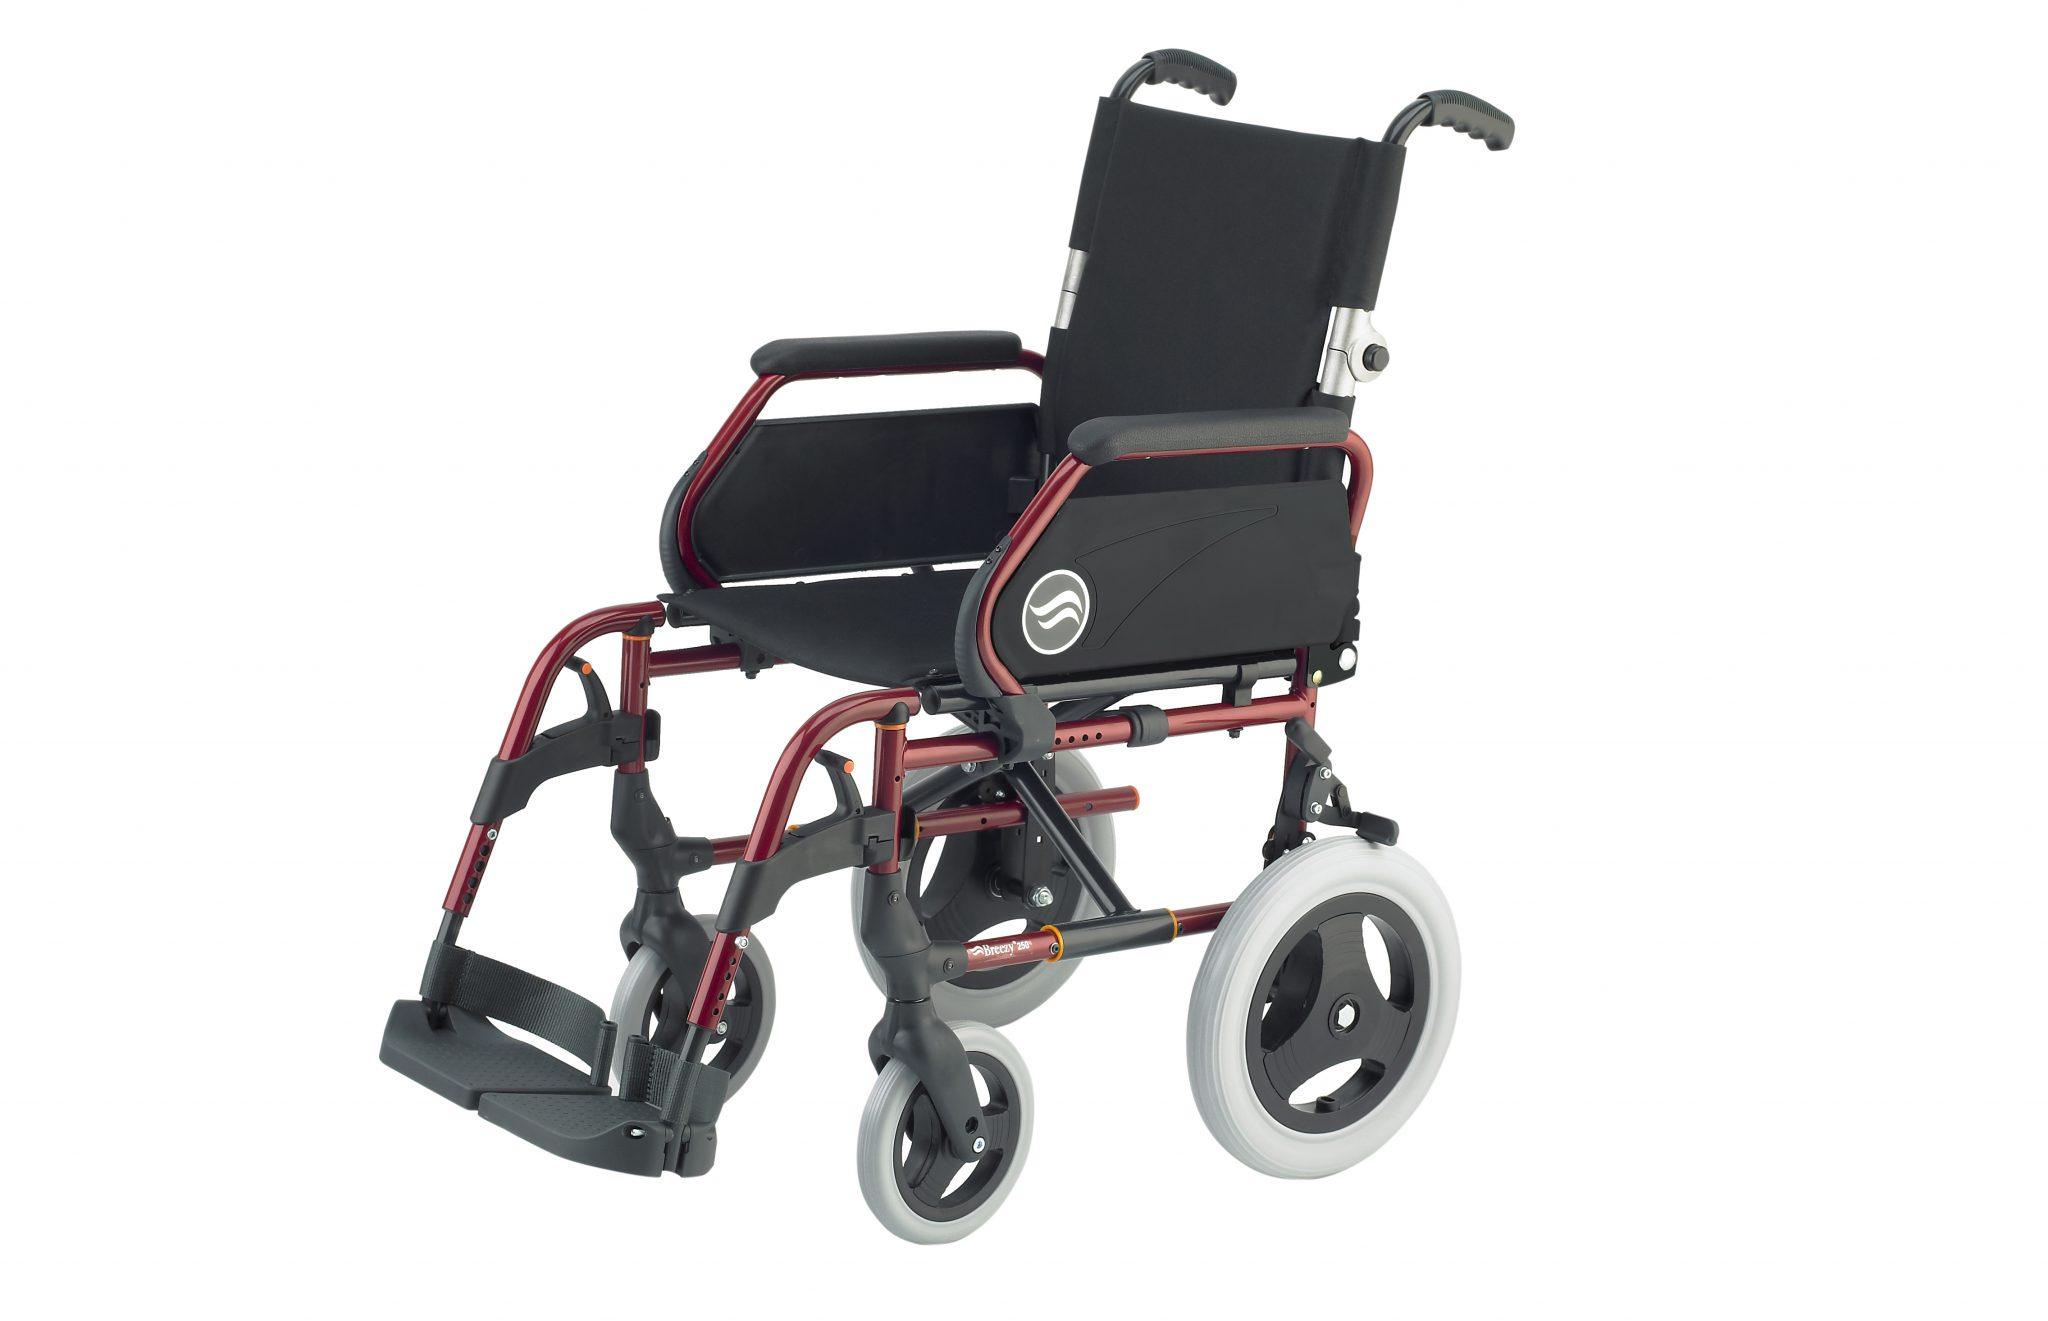 Cadeira de rodas manual, preta com estrutura vermelha, com roda pequena, com vista de perfil.